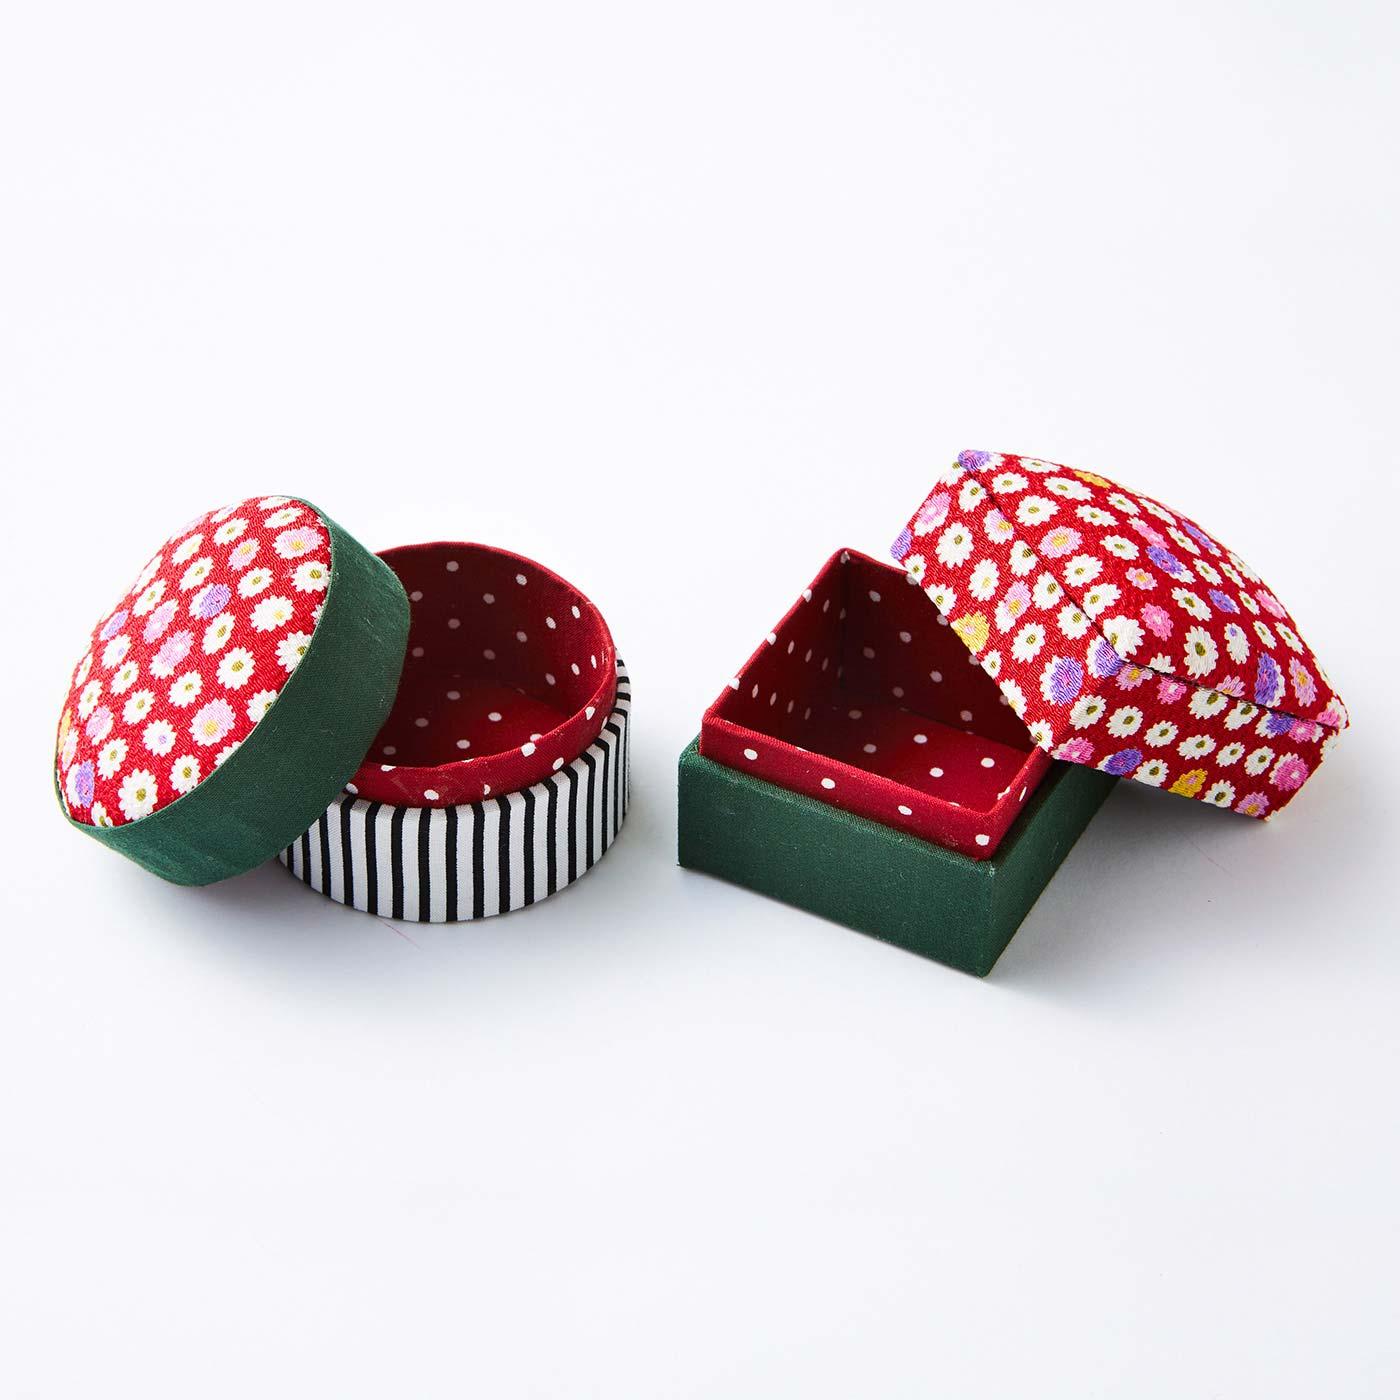 小さな丸箱と角箱(アクセサリー・小物ケース) 丸箱:直径約6.5cm、高さ約5cm 角箱:約5.5cm×5.5cm、高さ約5cm